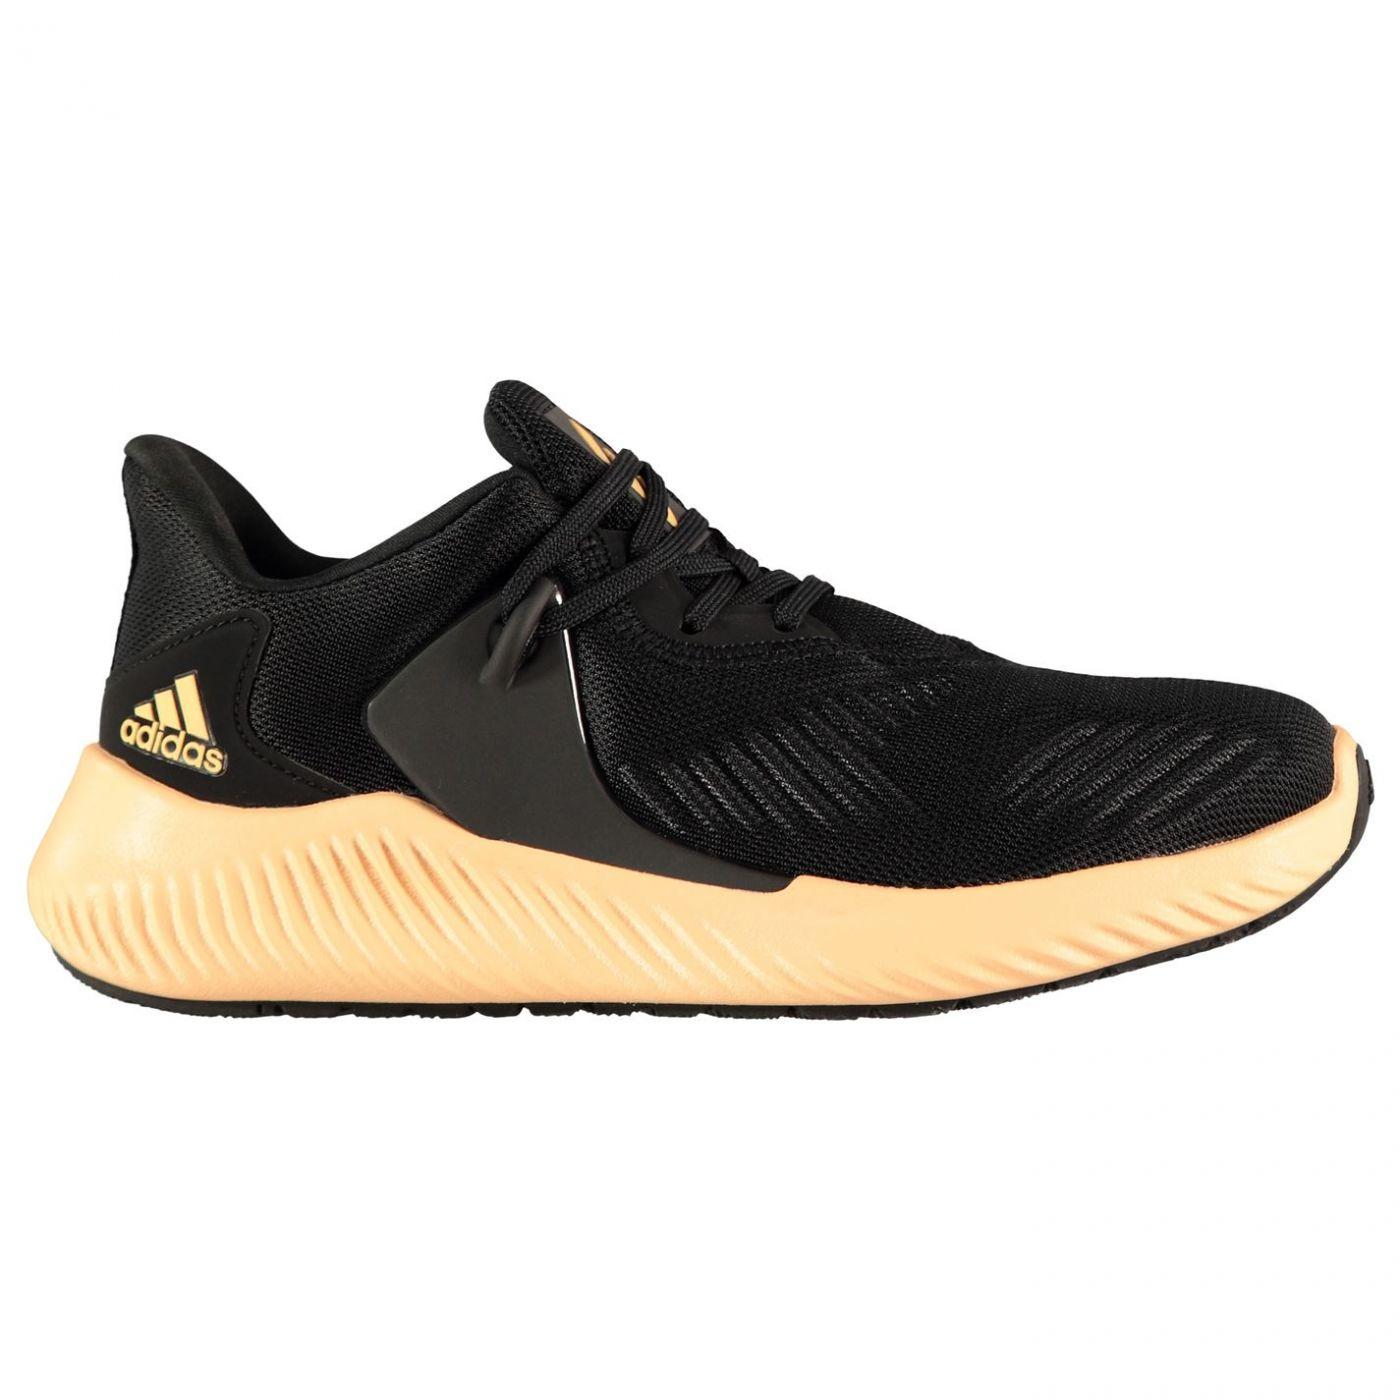 Adidas A/Bounce RC Ld94